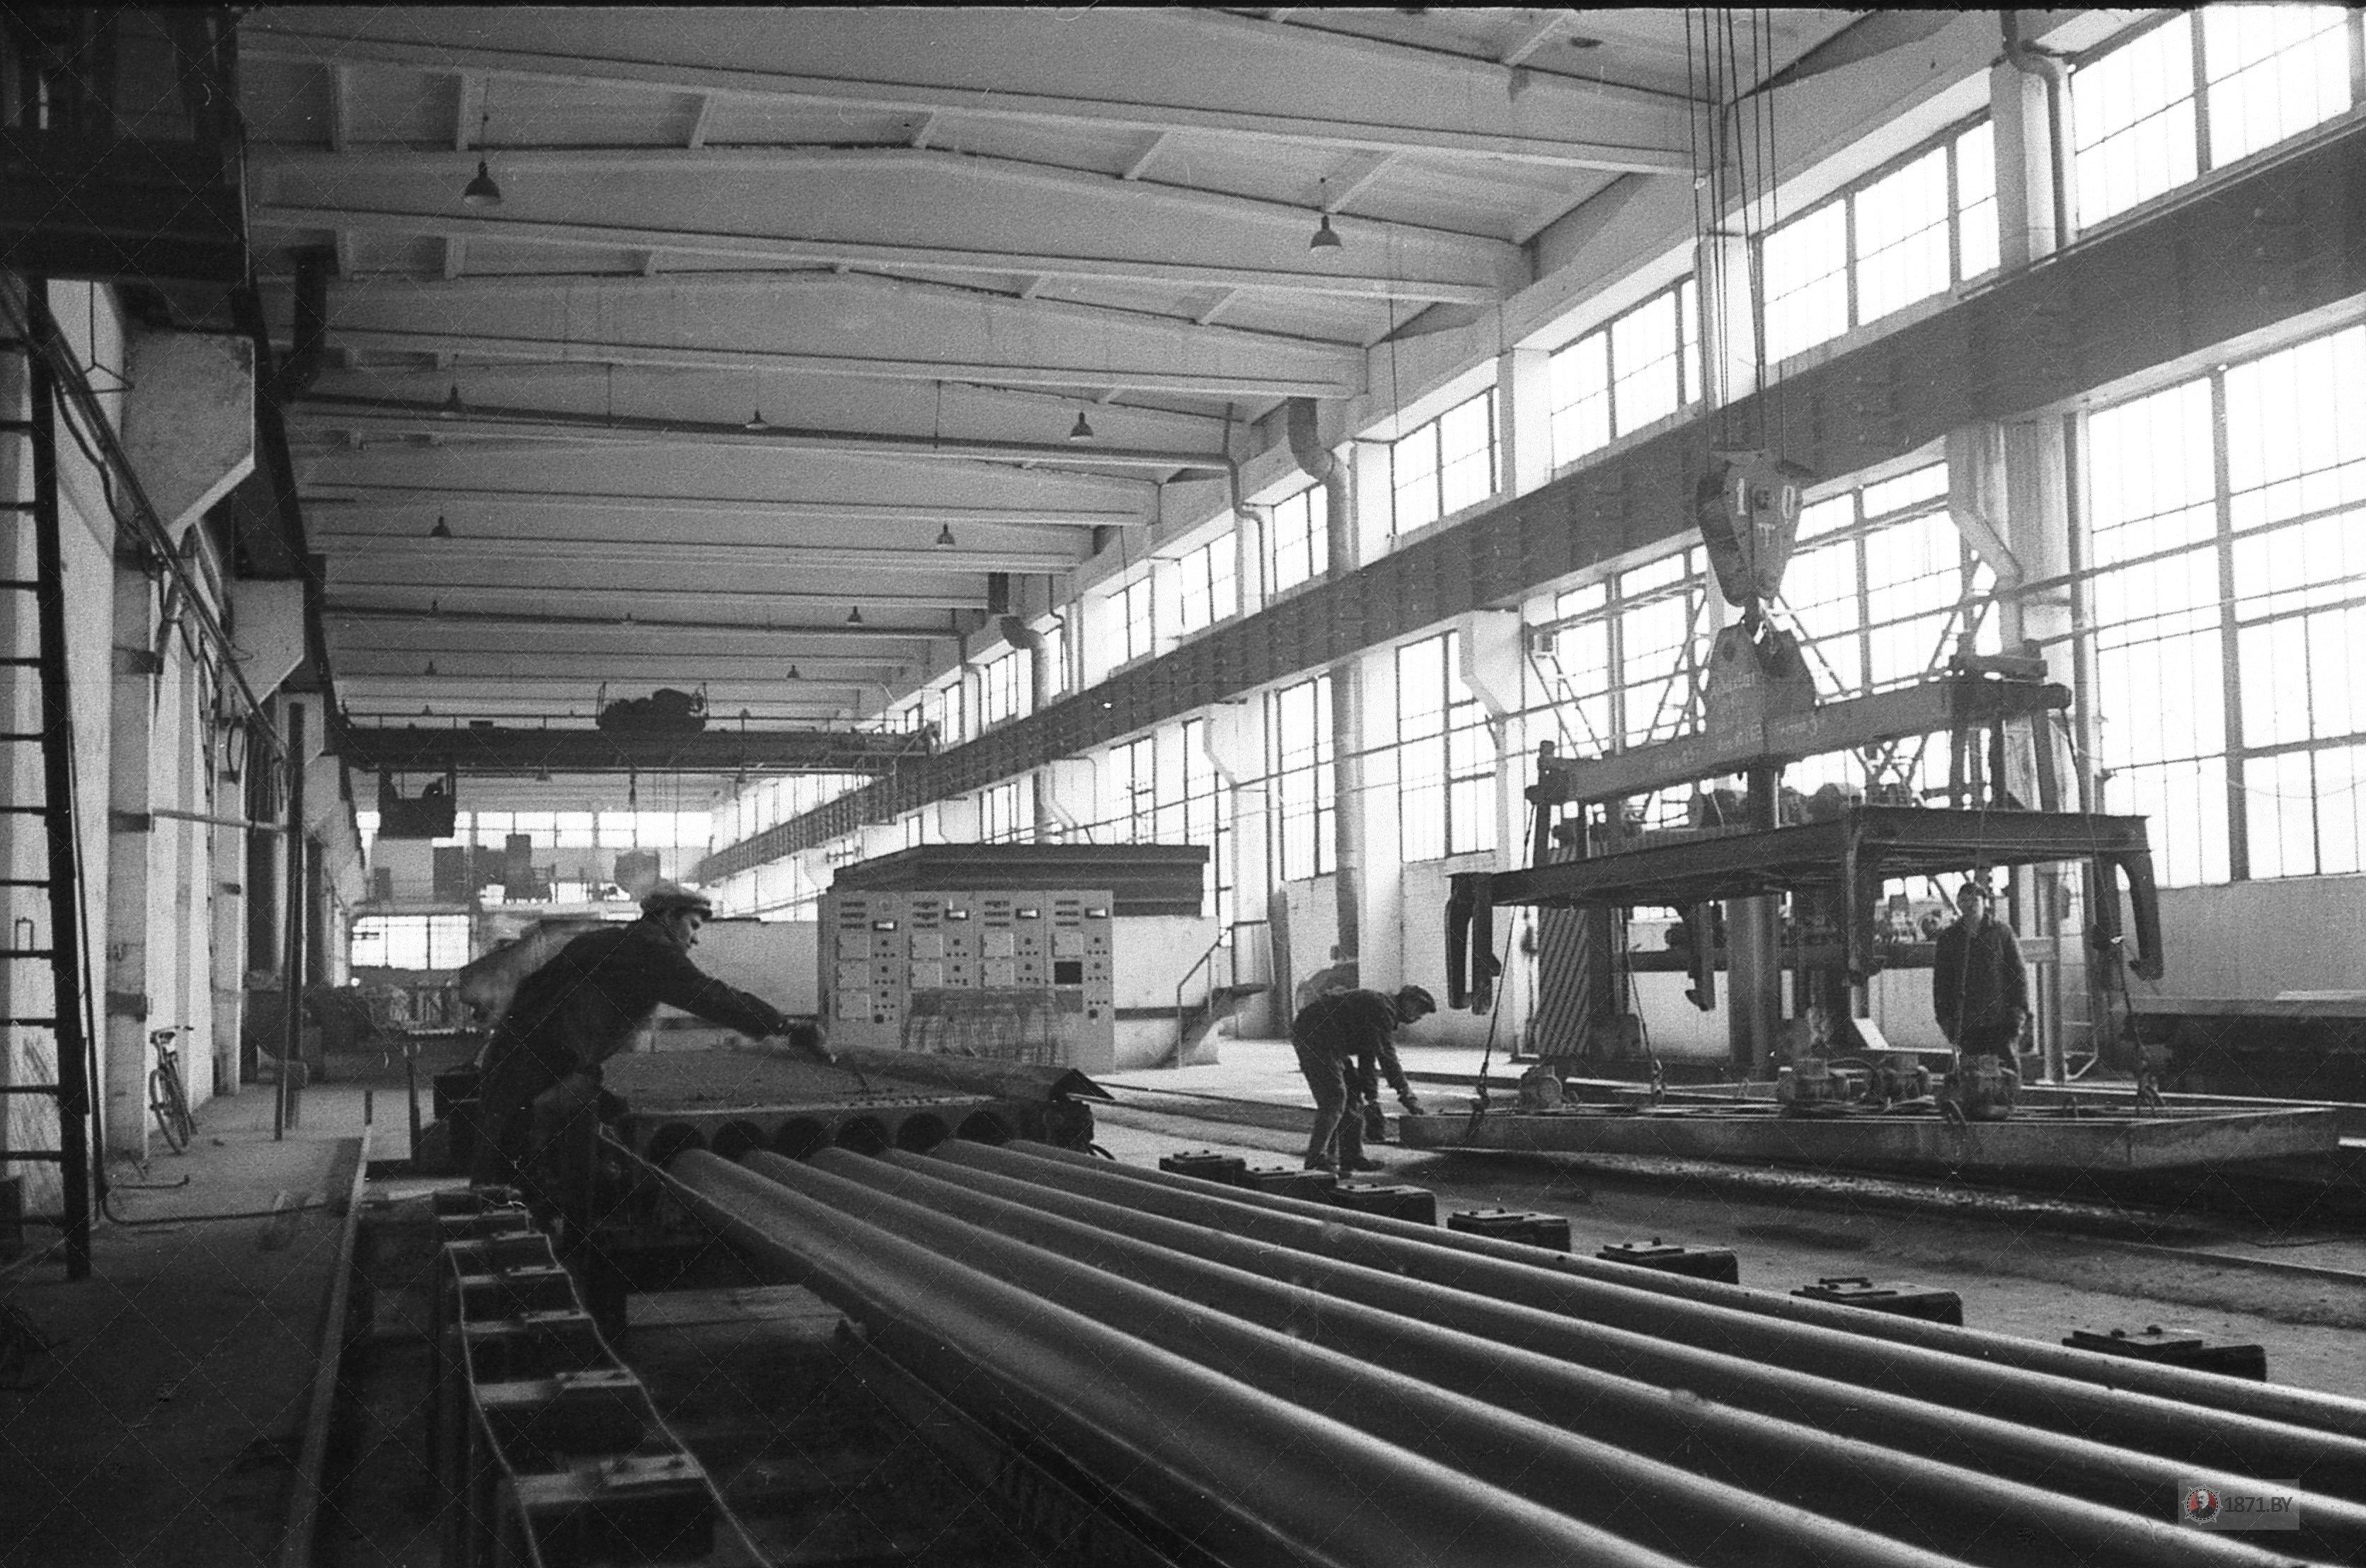 1971 год. Производство отличается высоким уровнем культуры и автоматизации.